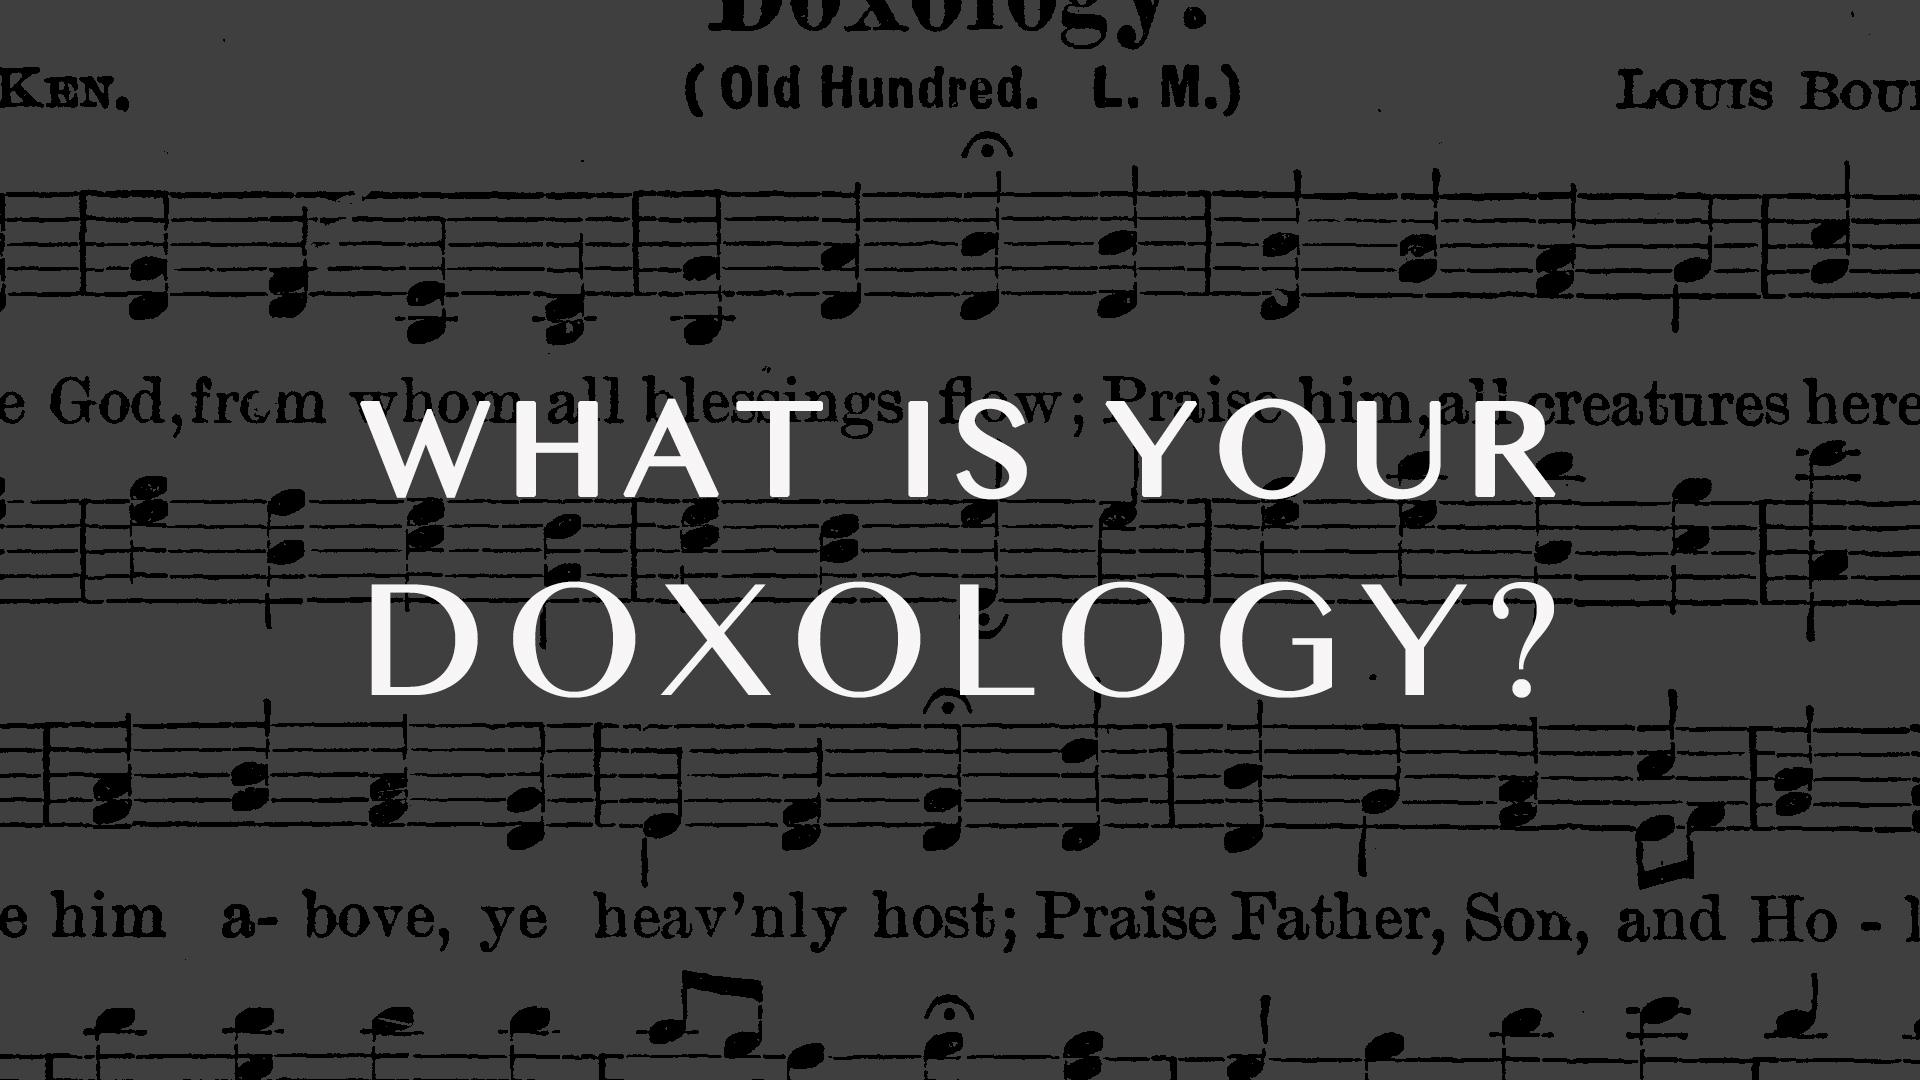 doxology-praise-easter-lent-Jesus-paul-romans